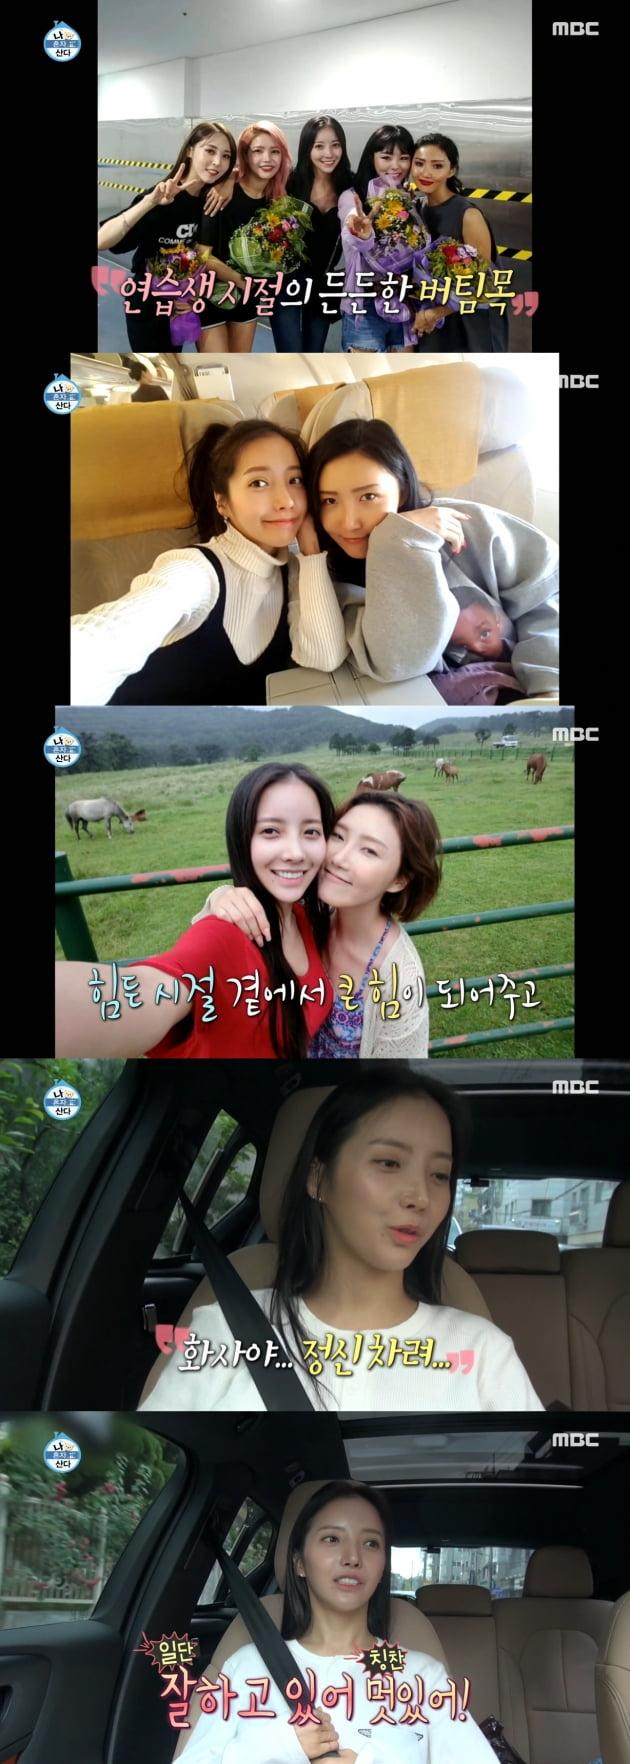 지난해 7월 방송된 '나 혼자 산다'에 출연한 최수정/ 사진=MBC 캡처